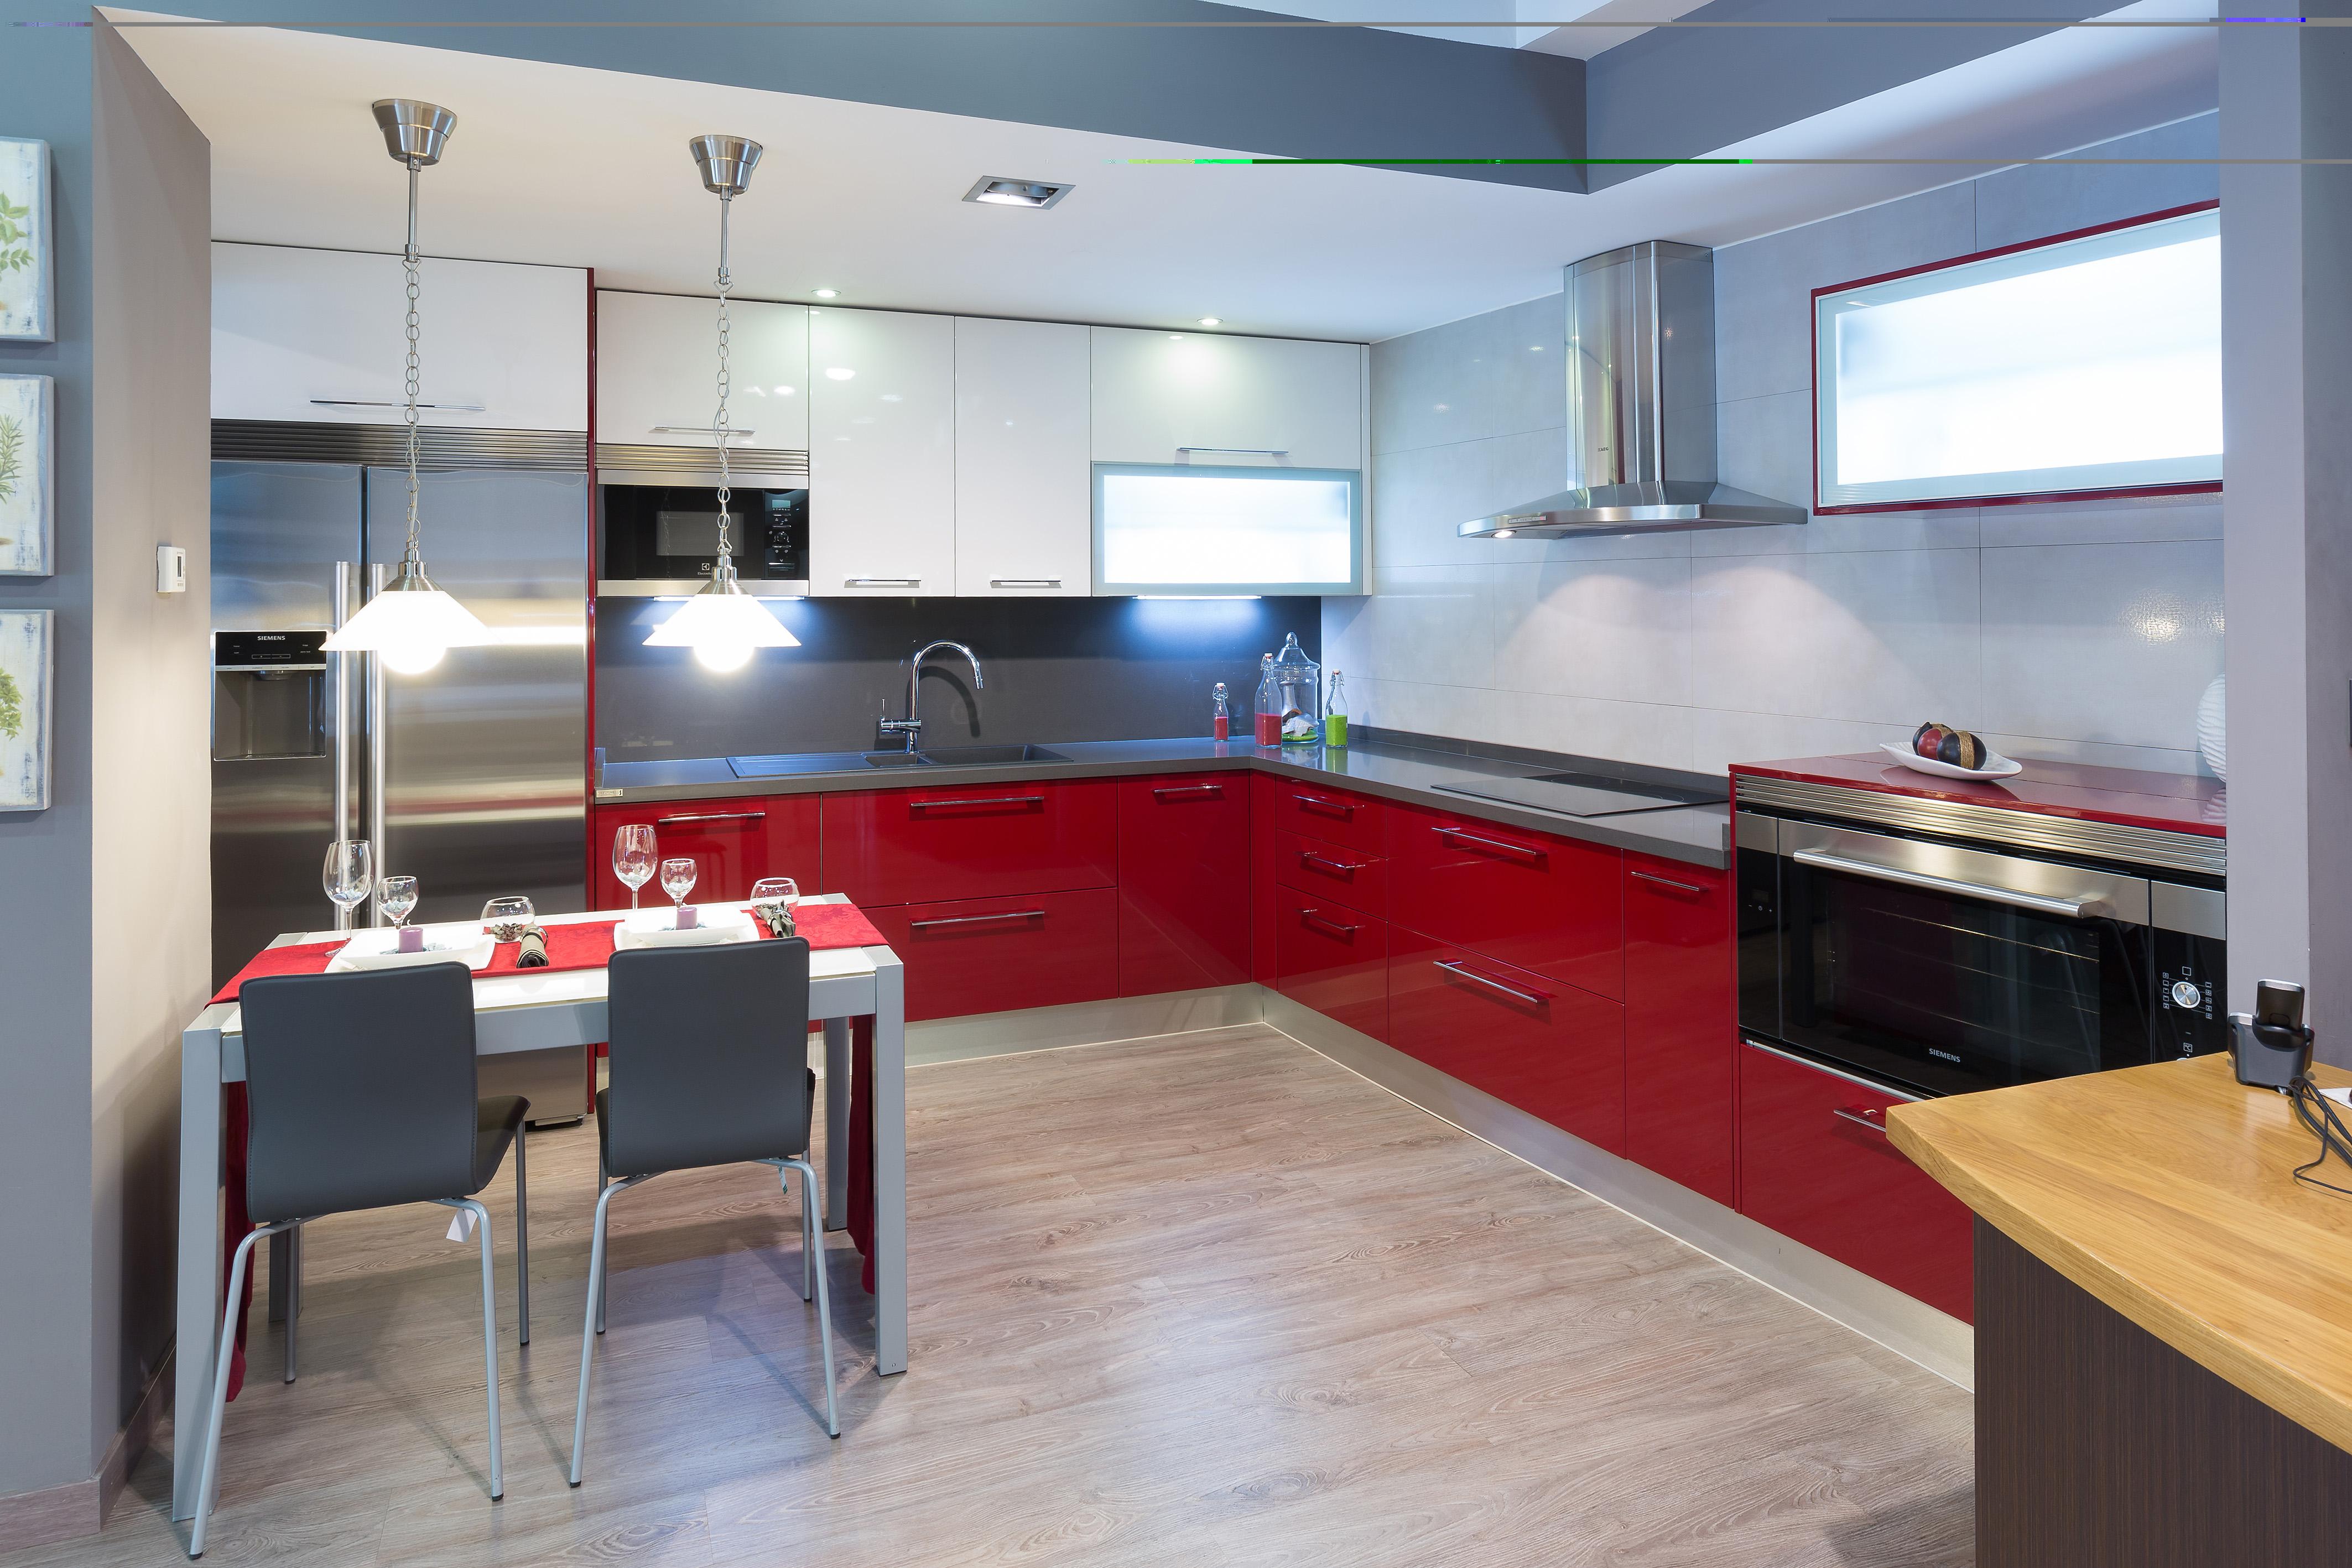 Nuevas cocinas en liquidaci n para renovar nuestra exposici n de getafe - Cocinas exposicion ocasion ...